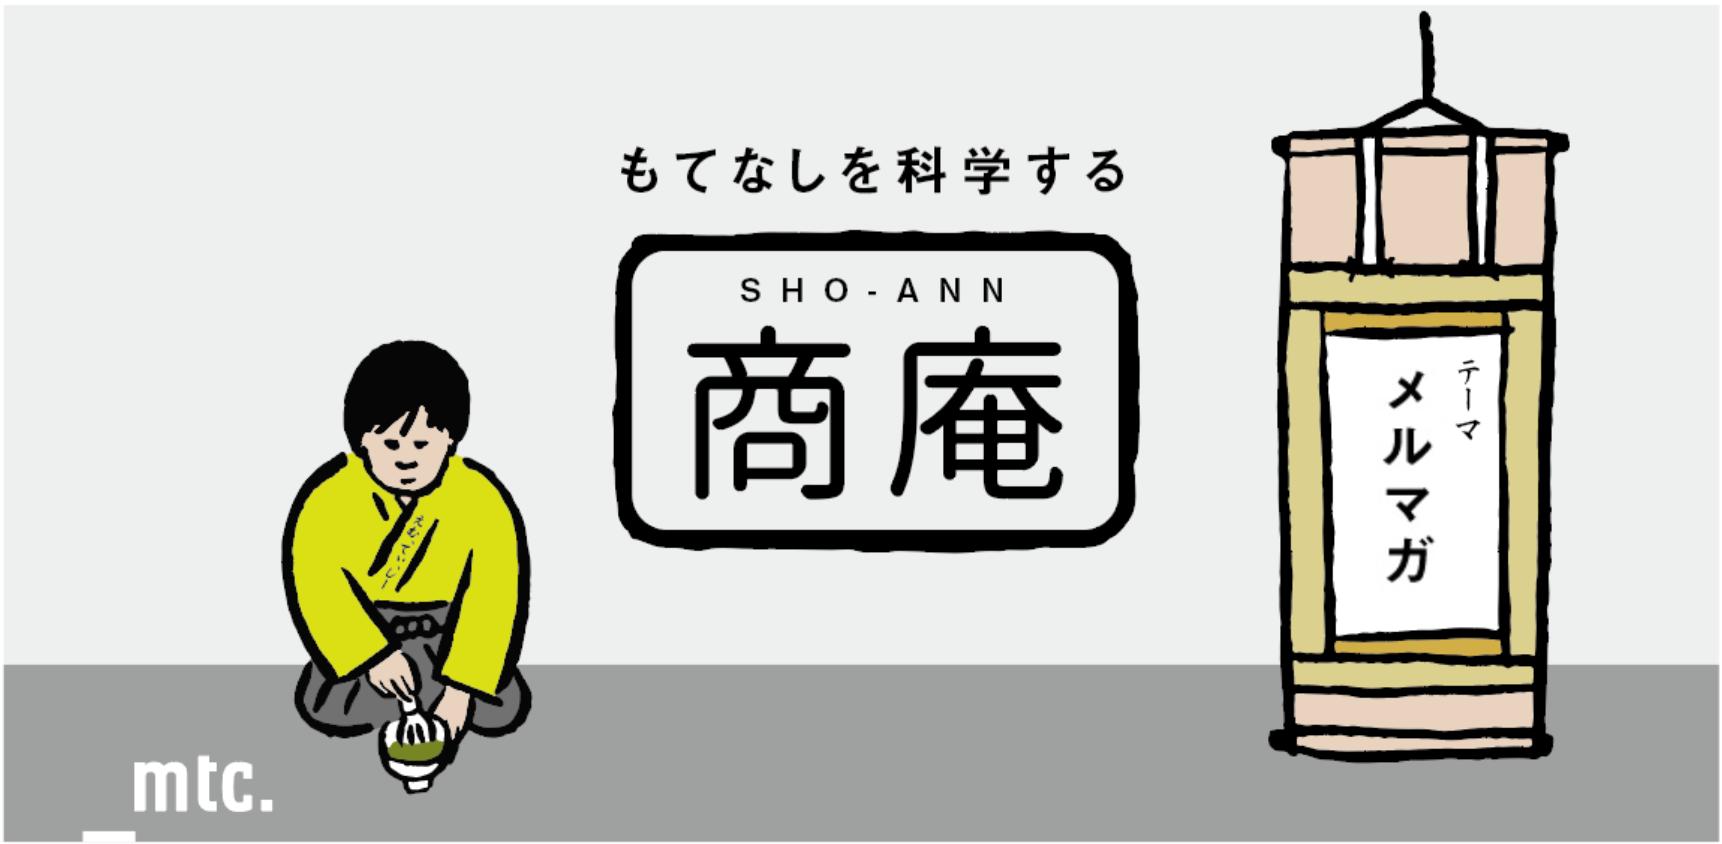 shoann